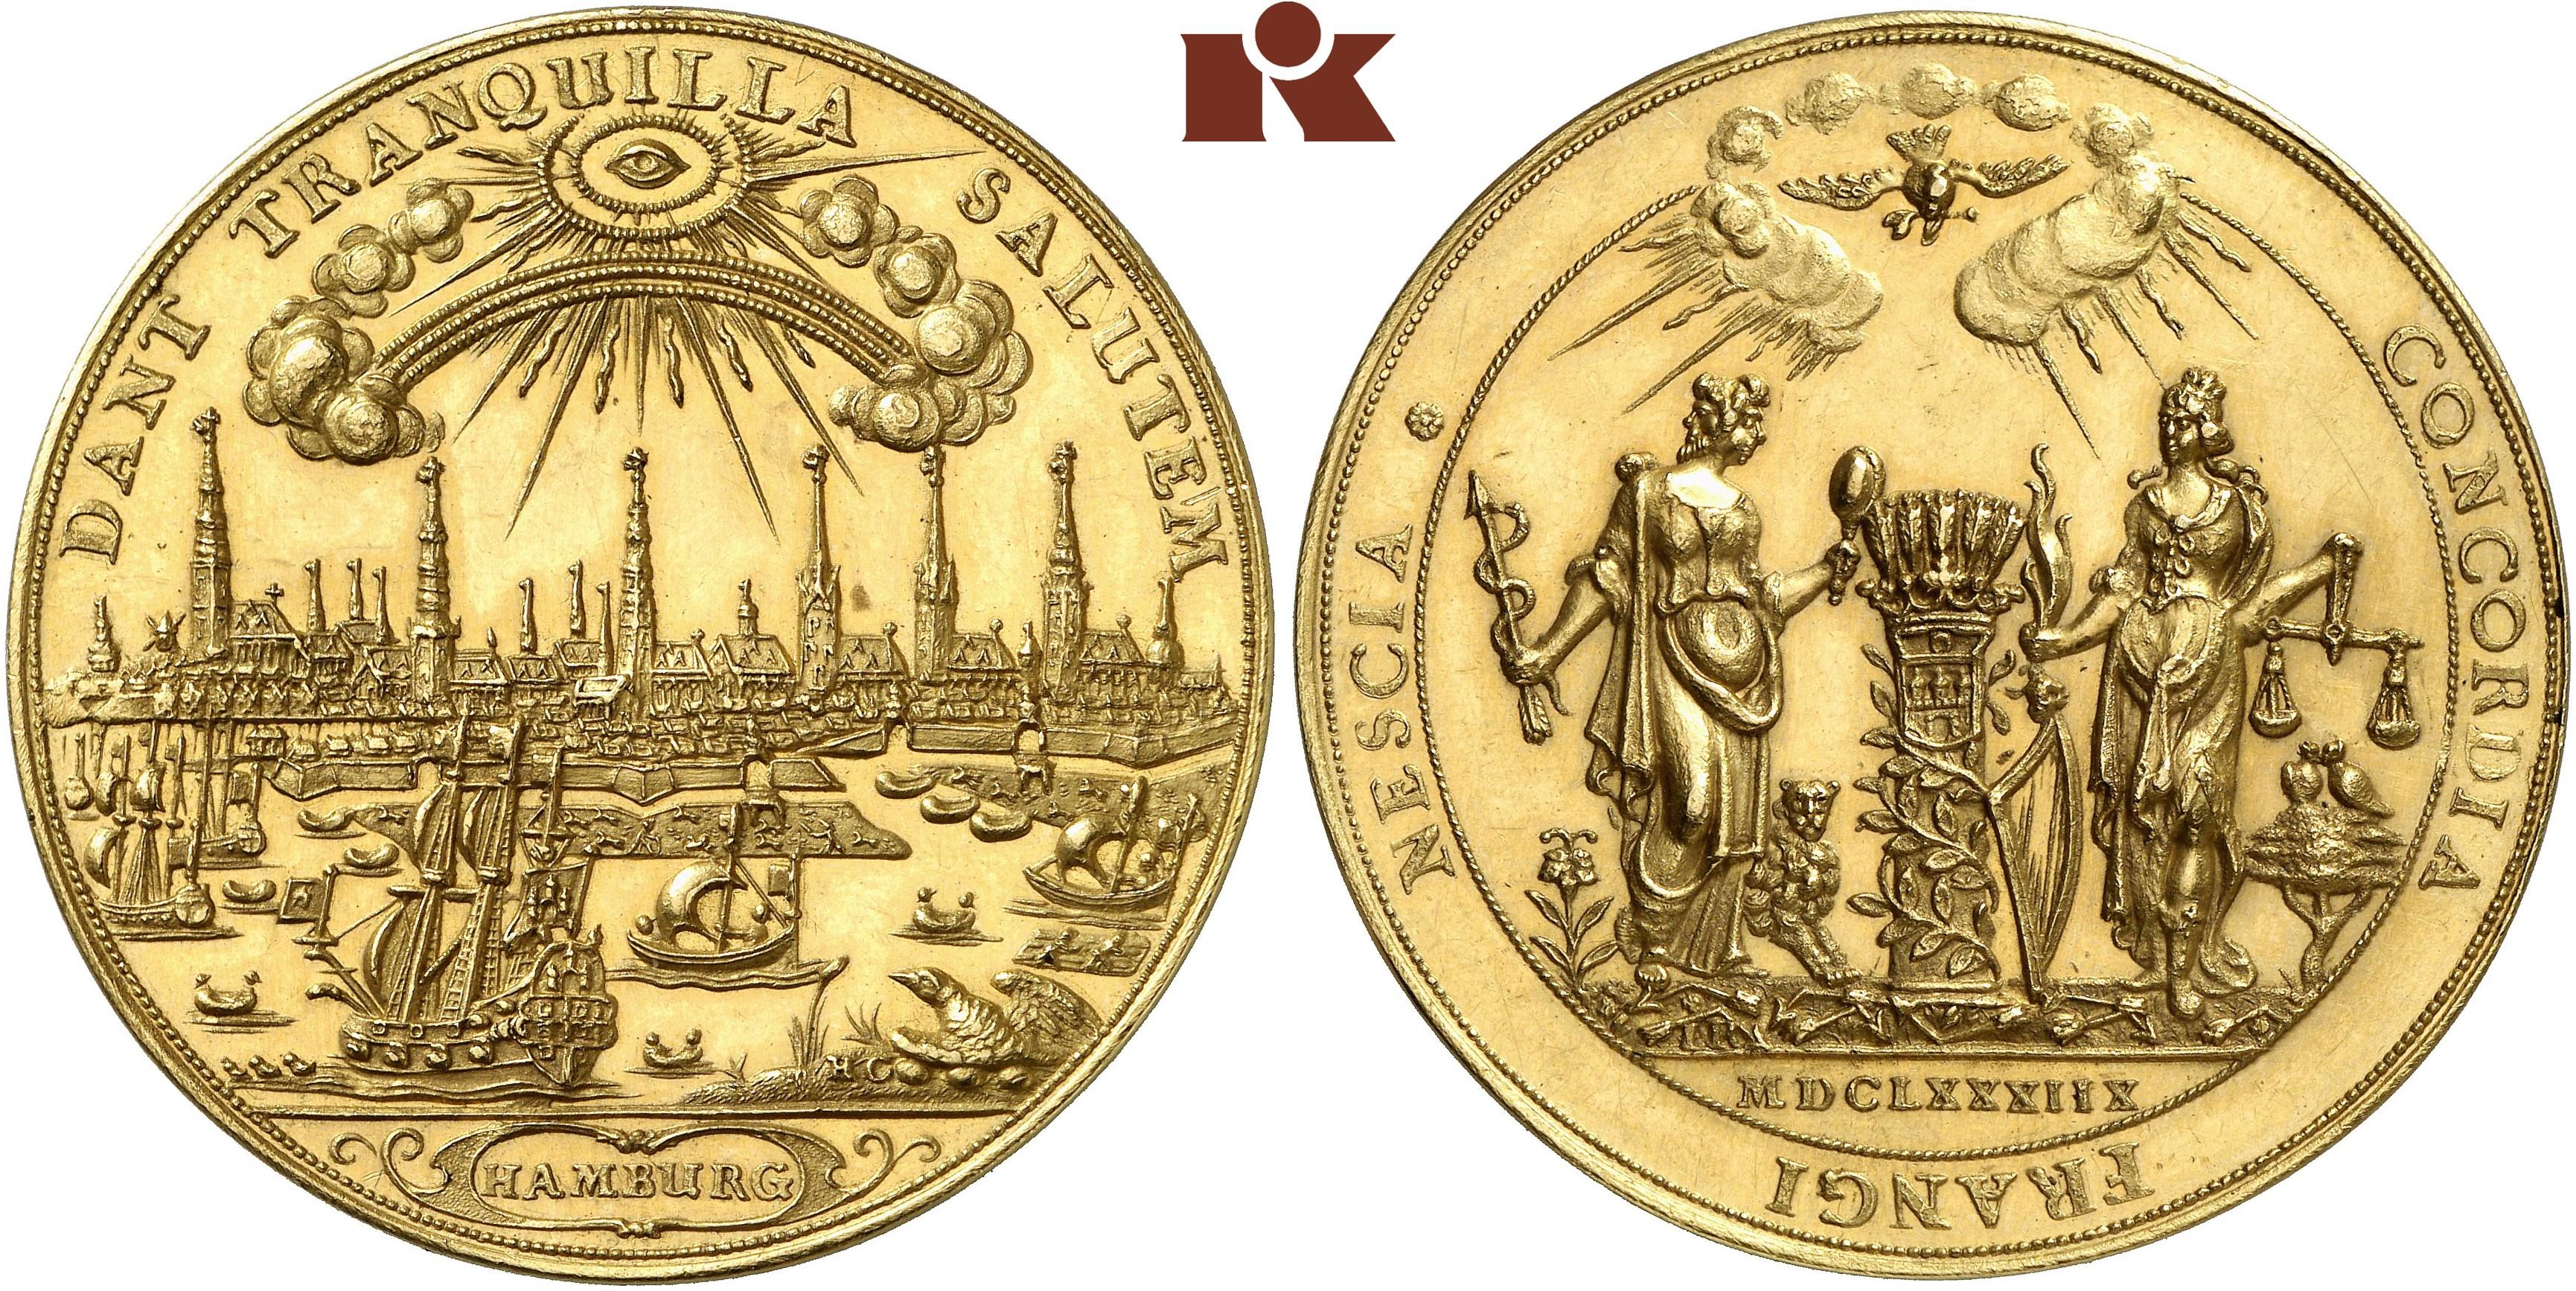 Bankportugalöser Zu 10 Dukaten 1688 Gaed 1642 Slg Vogel Auktion